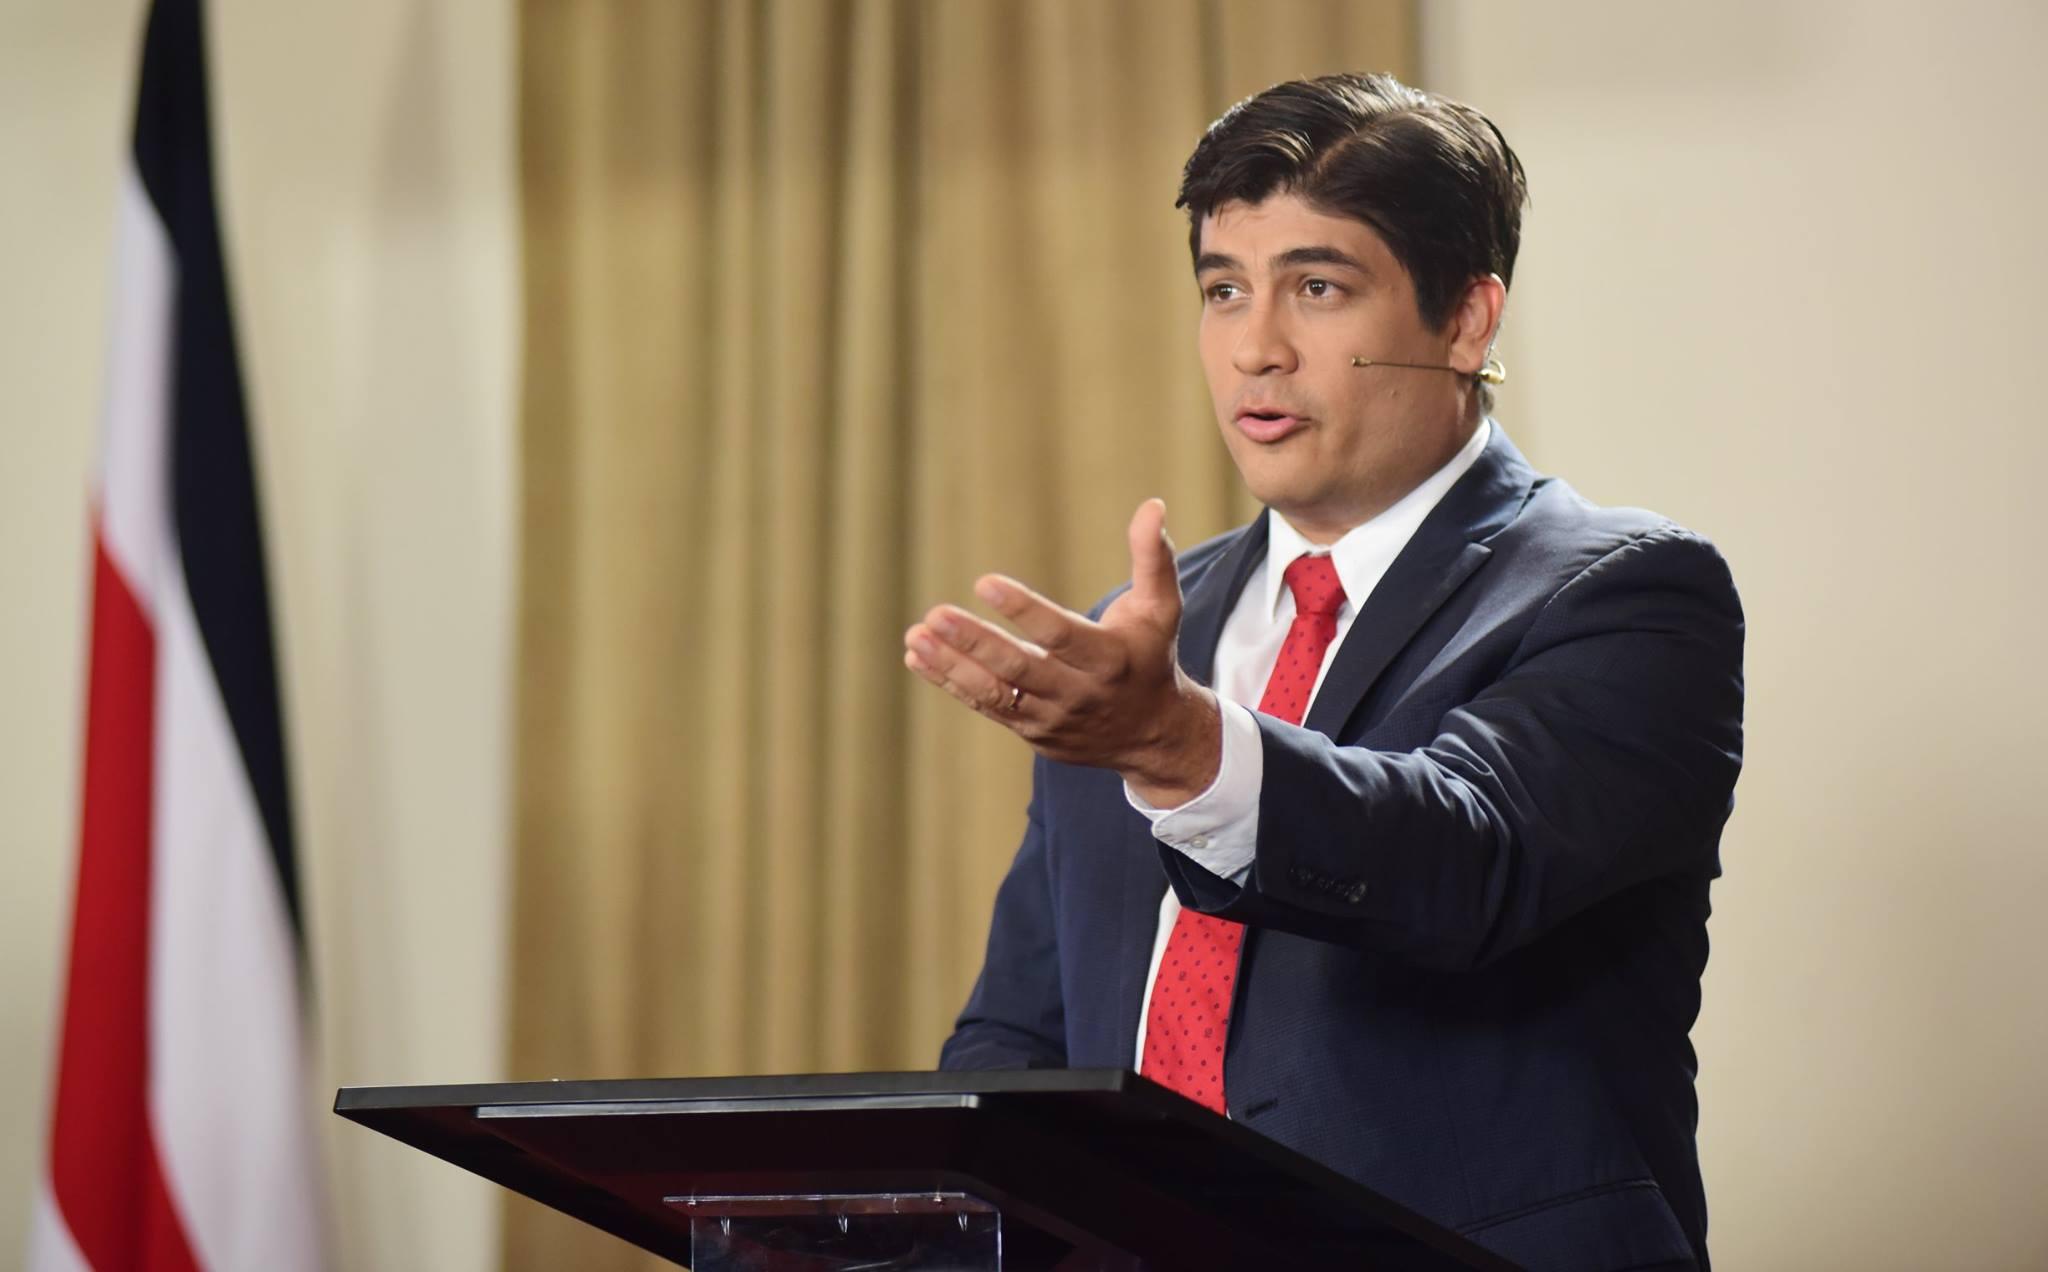 Oficialista Carlos Alvarado se convierte en el nuevo presidente de Costa Rica